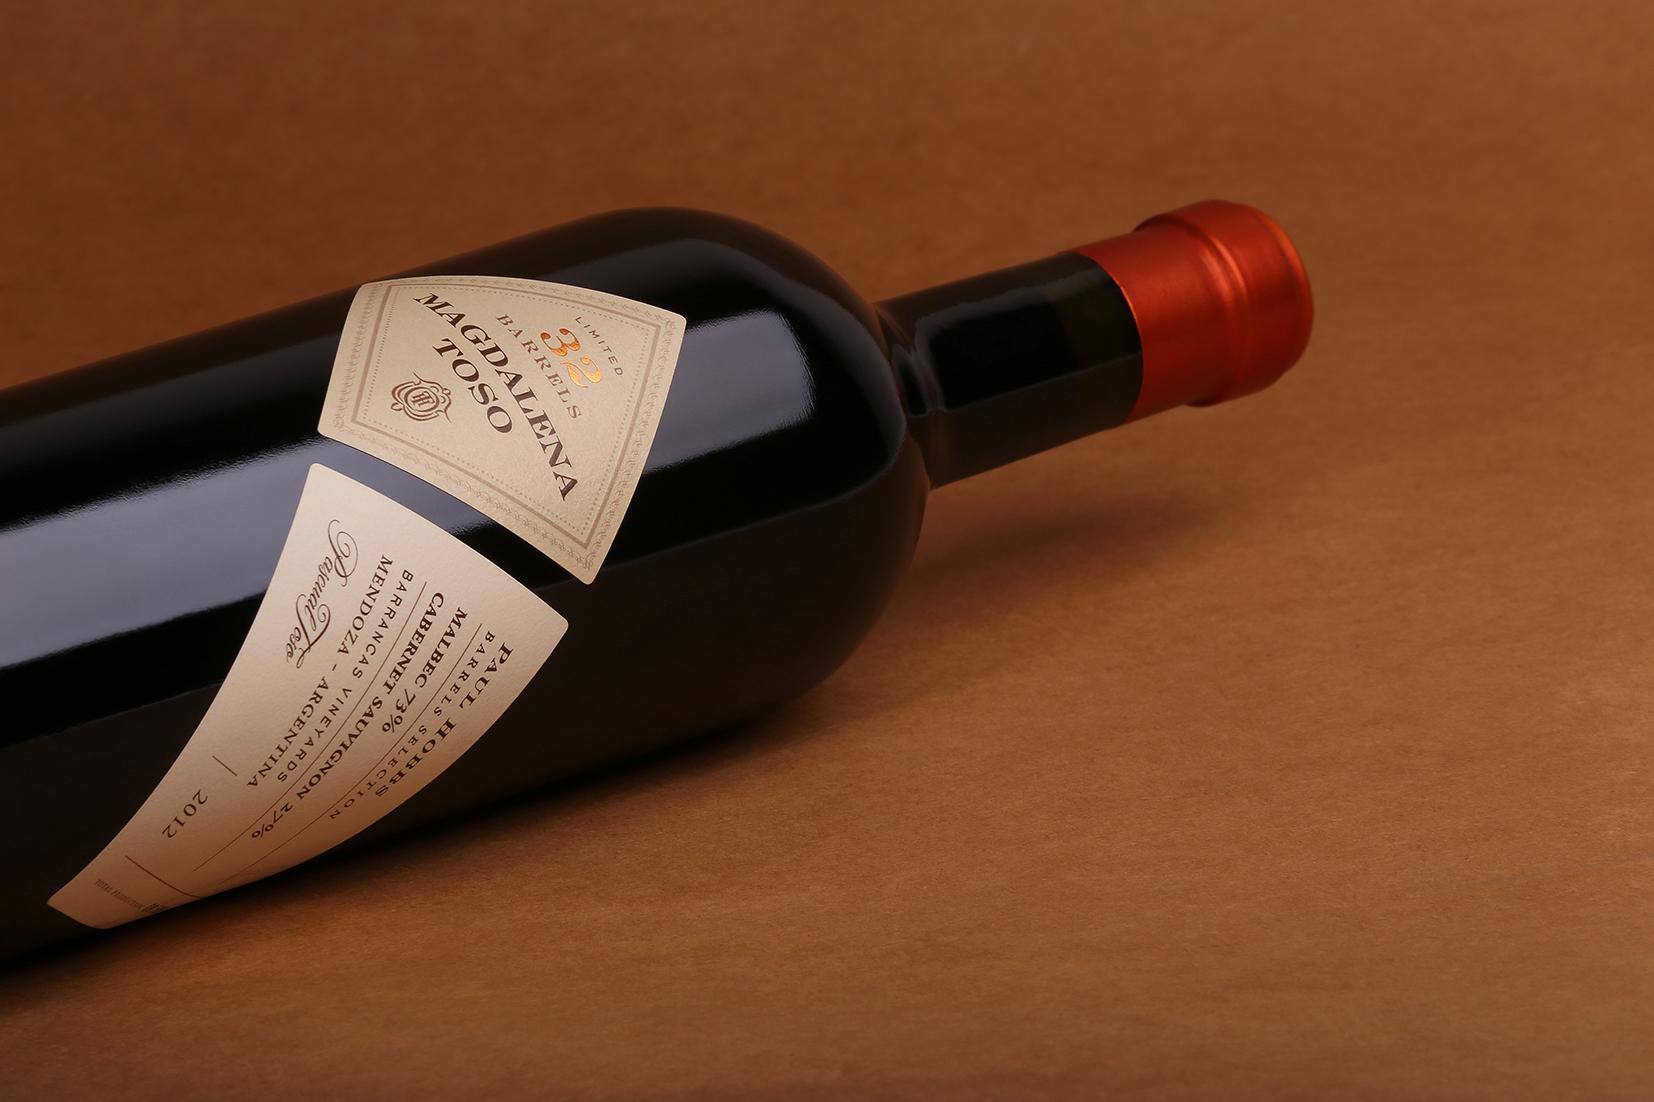 Conheça mais sobre o vinho Magdalena Toso